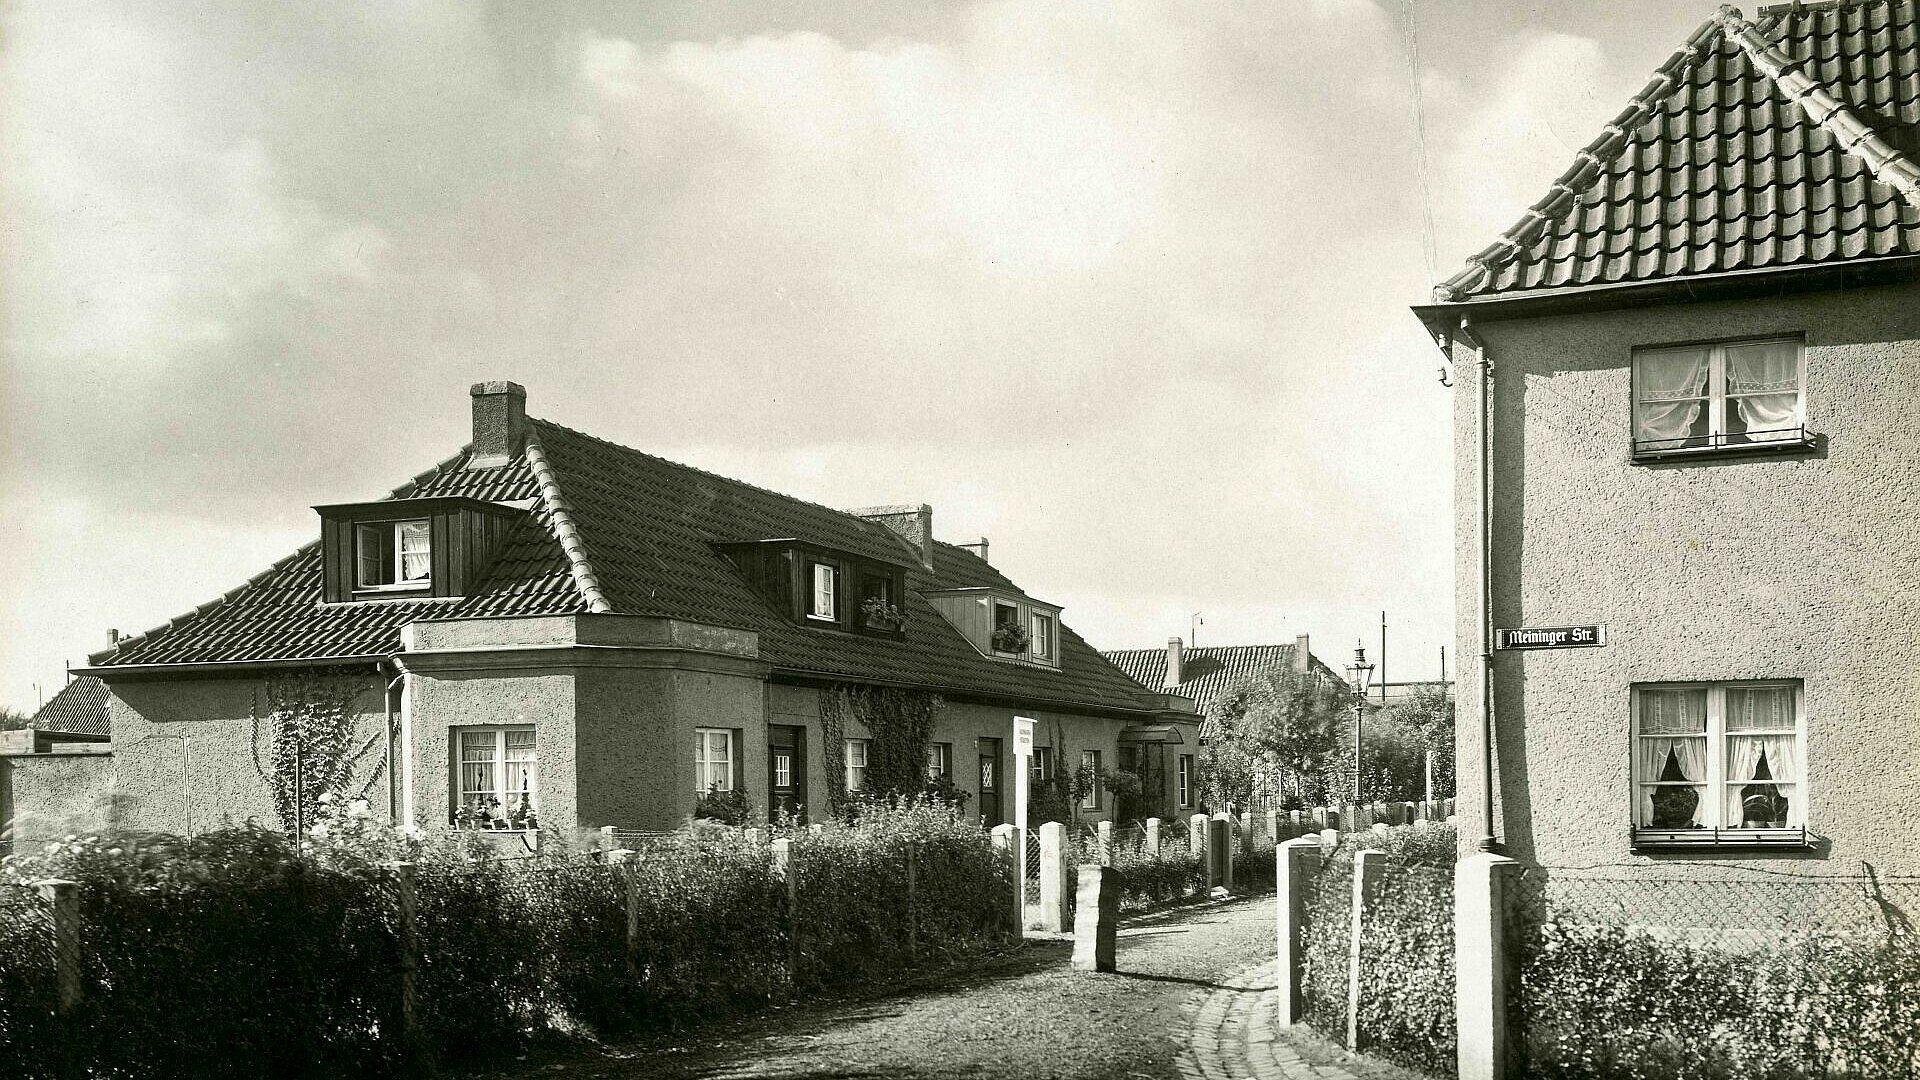 Historisches Foto von Einfamilienhäusern in der Germaniasiedlung